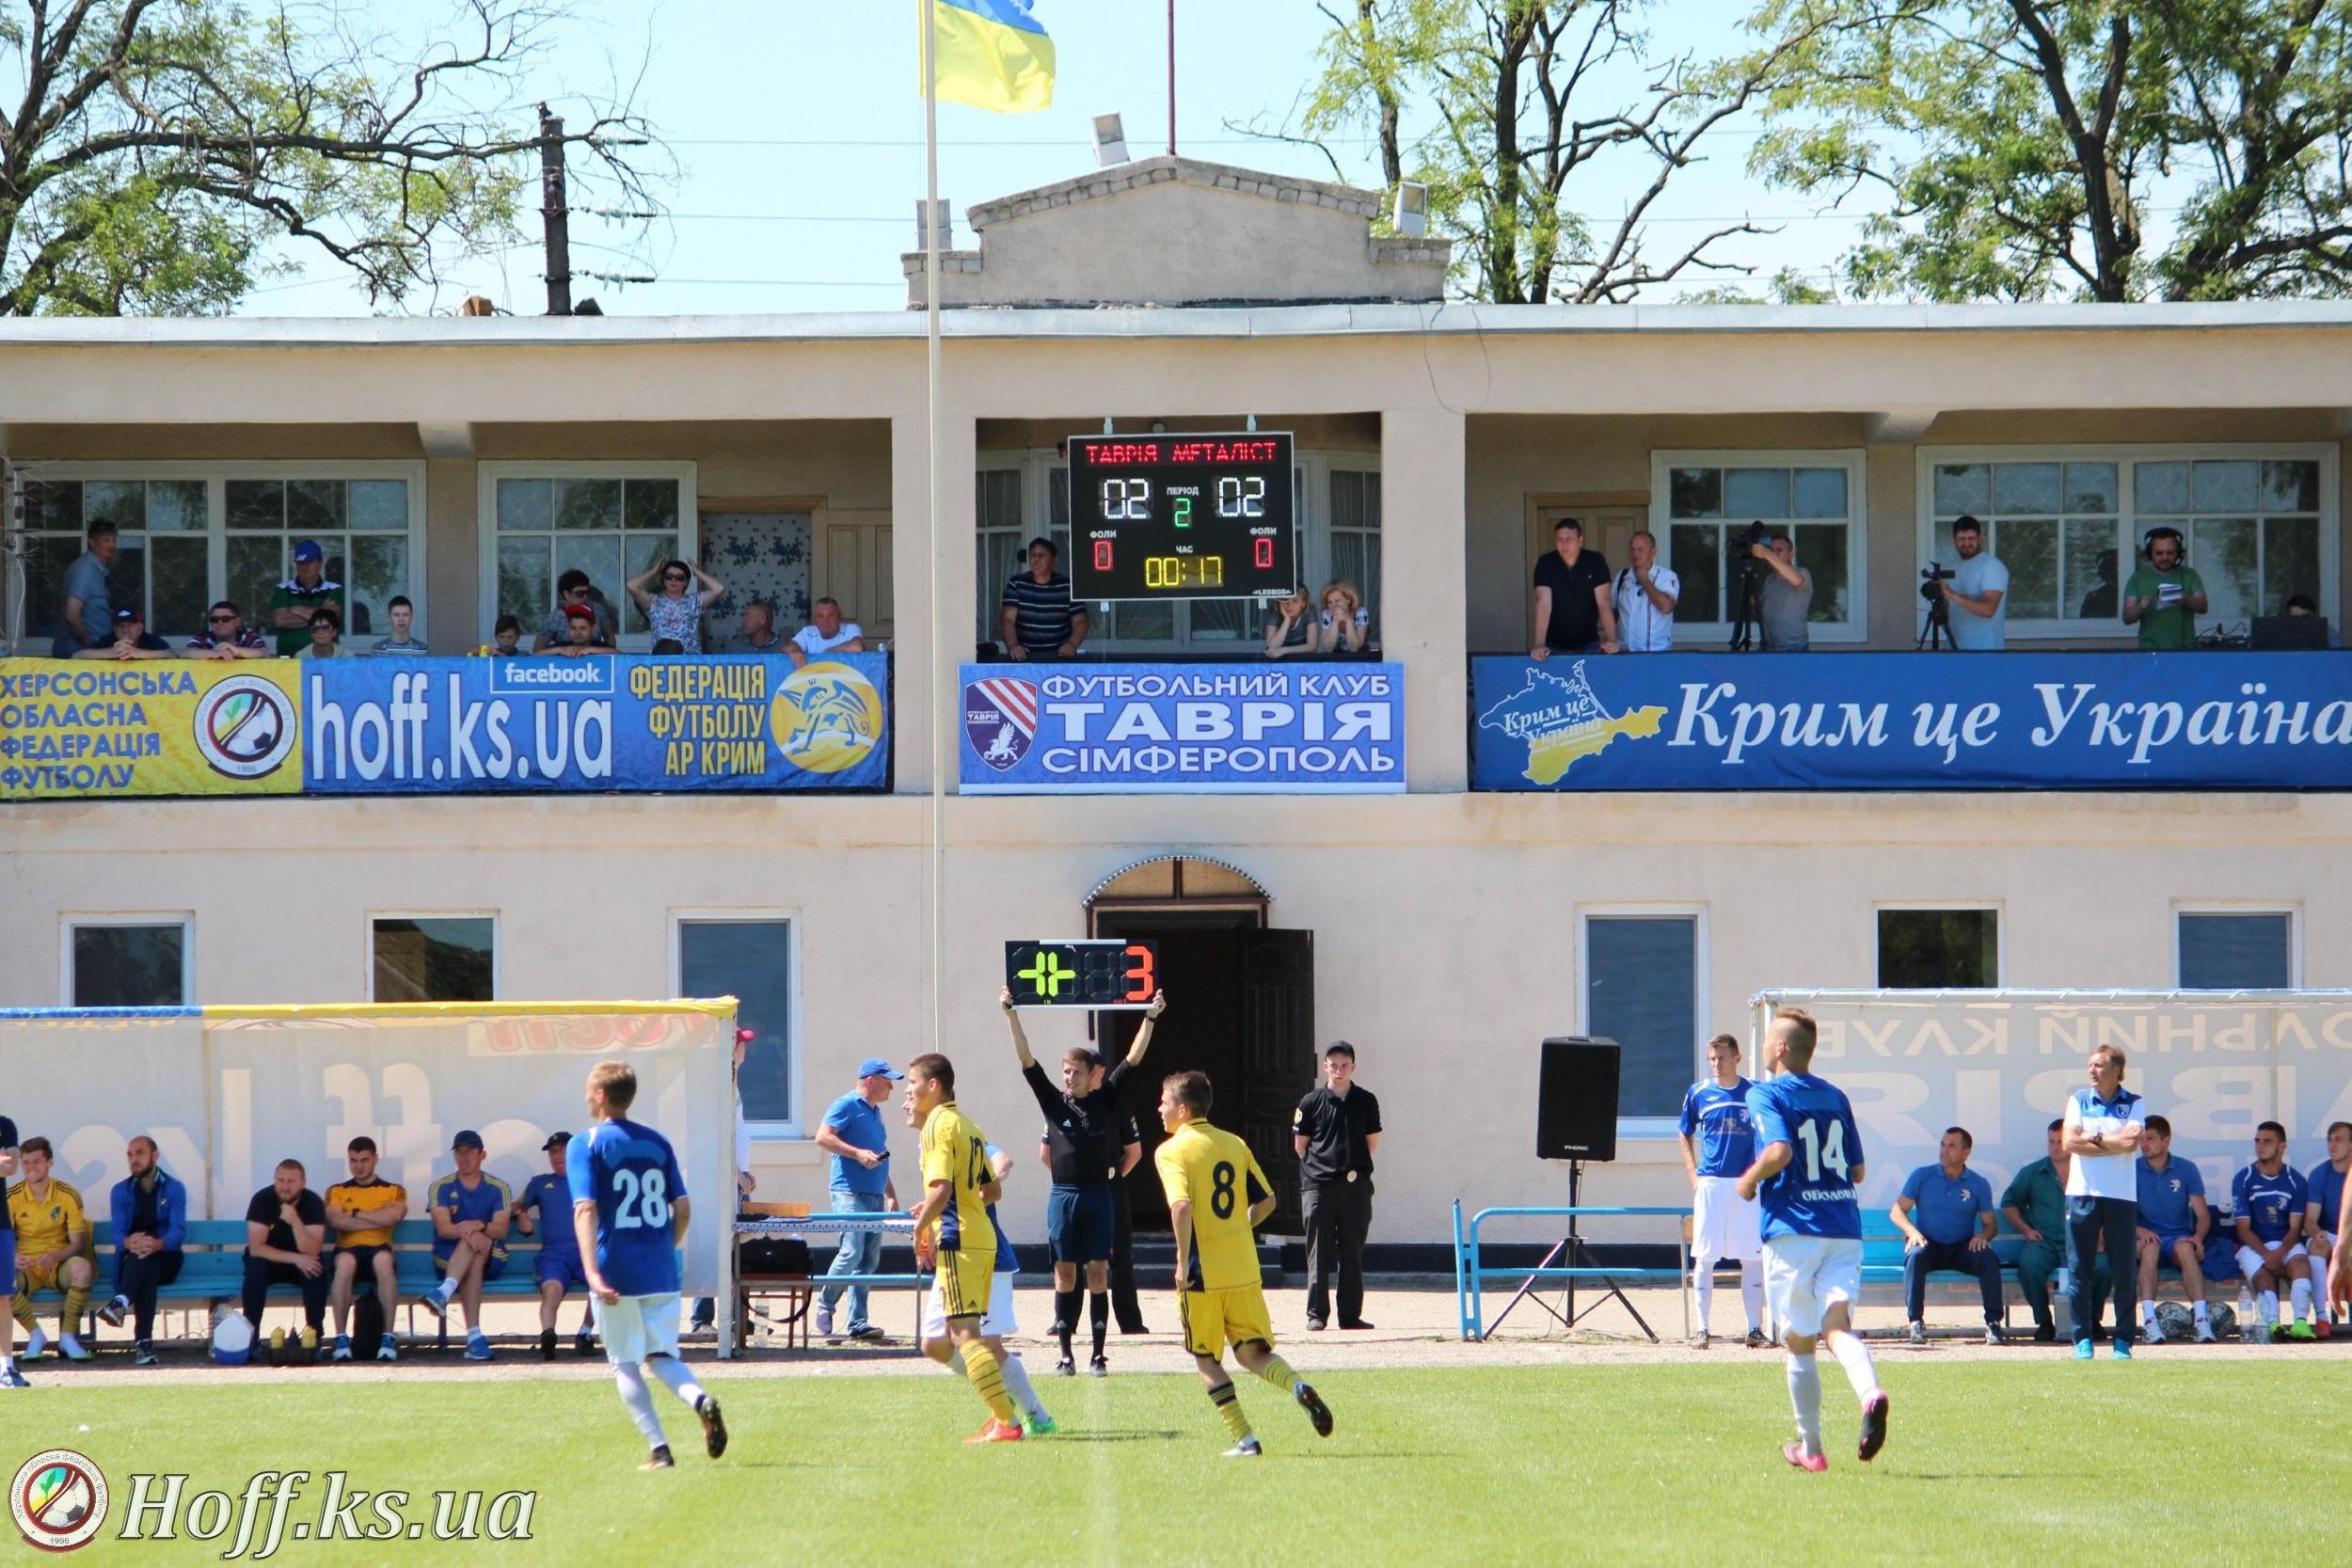 Таврия в случае попадания во Вторую лигу может играть в Новой Каховке